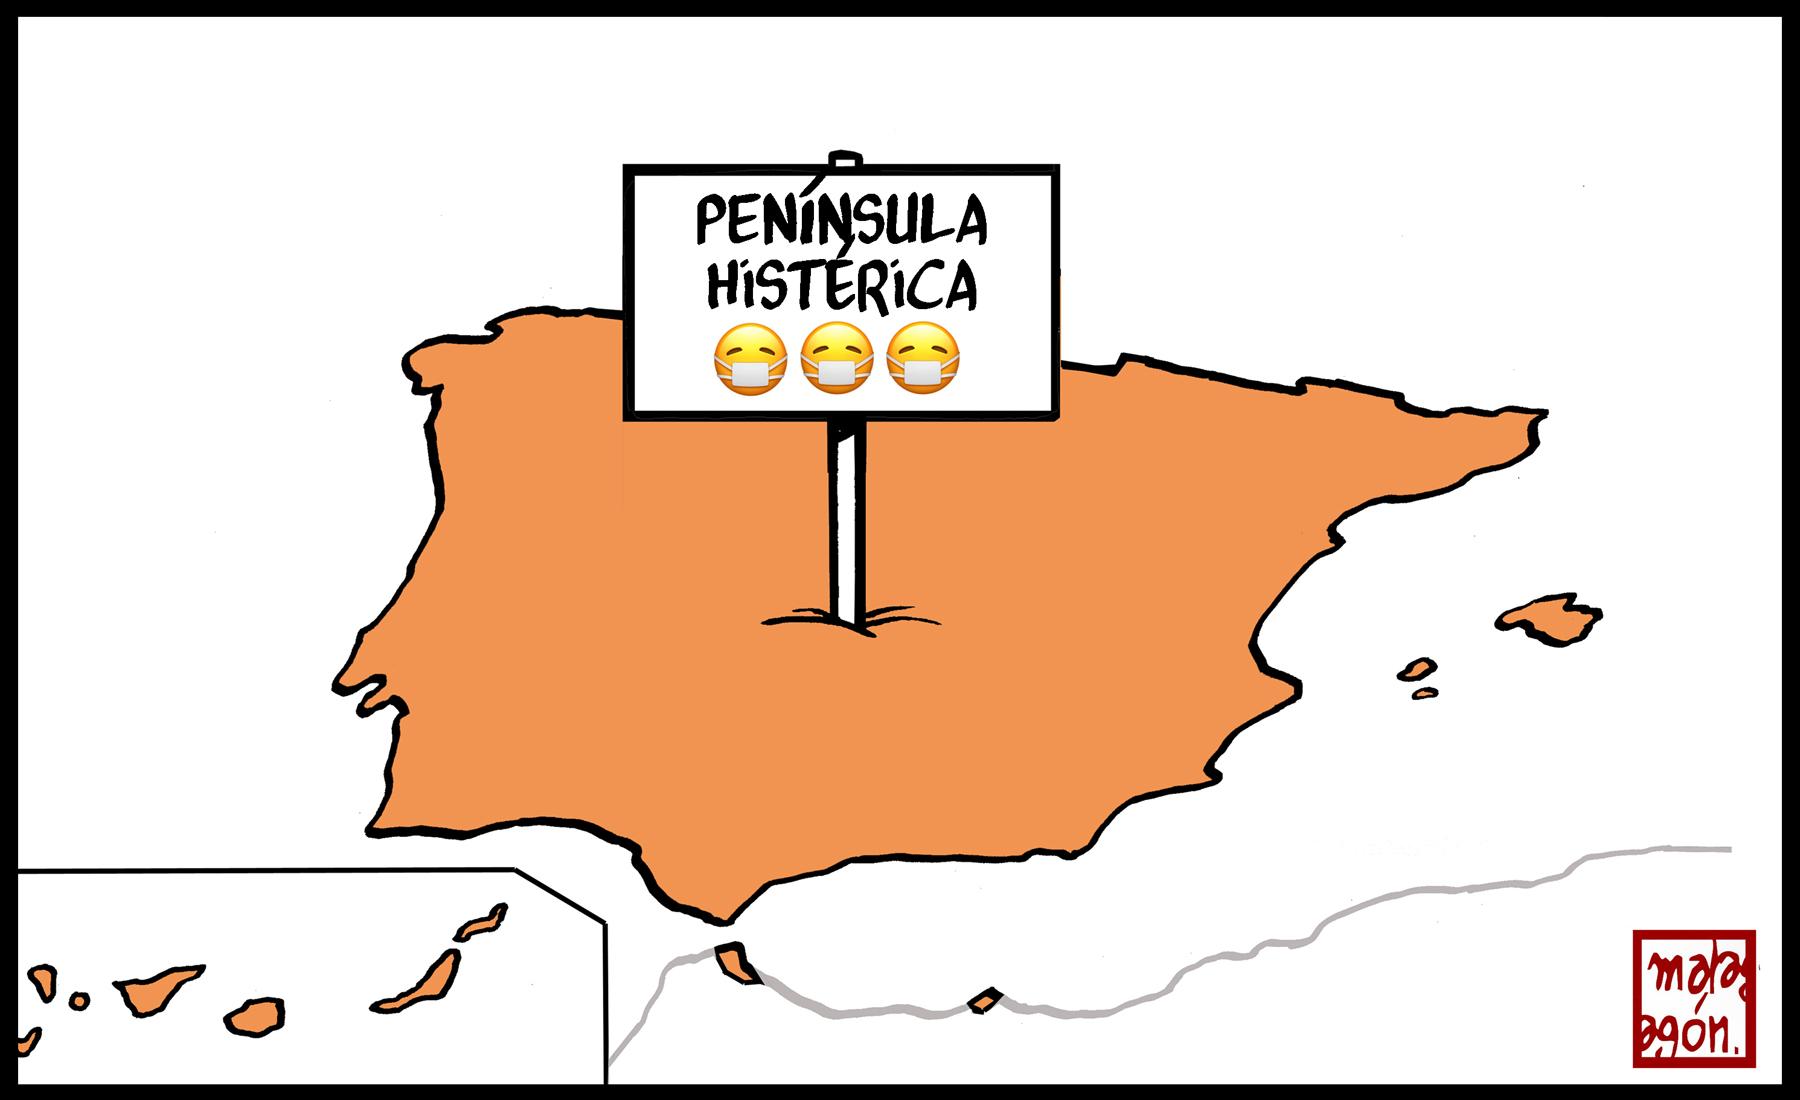 <p>La península.</p>